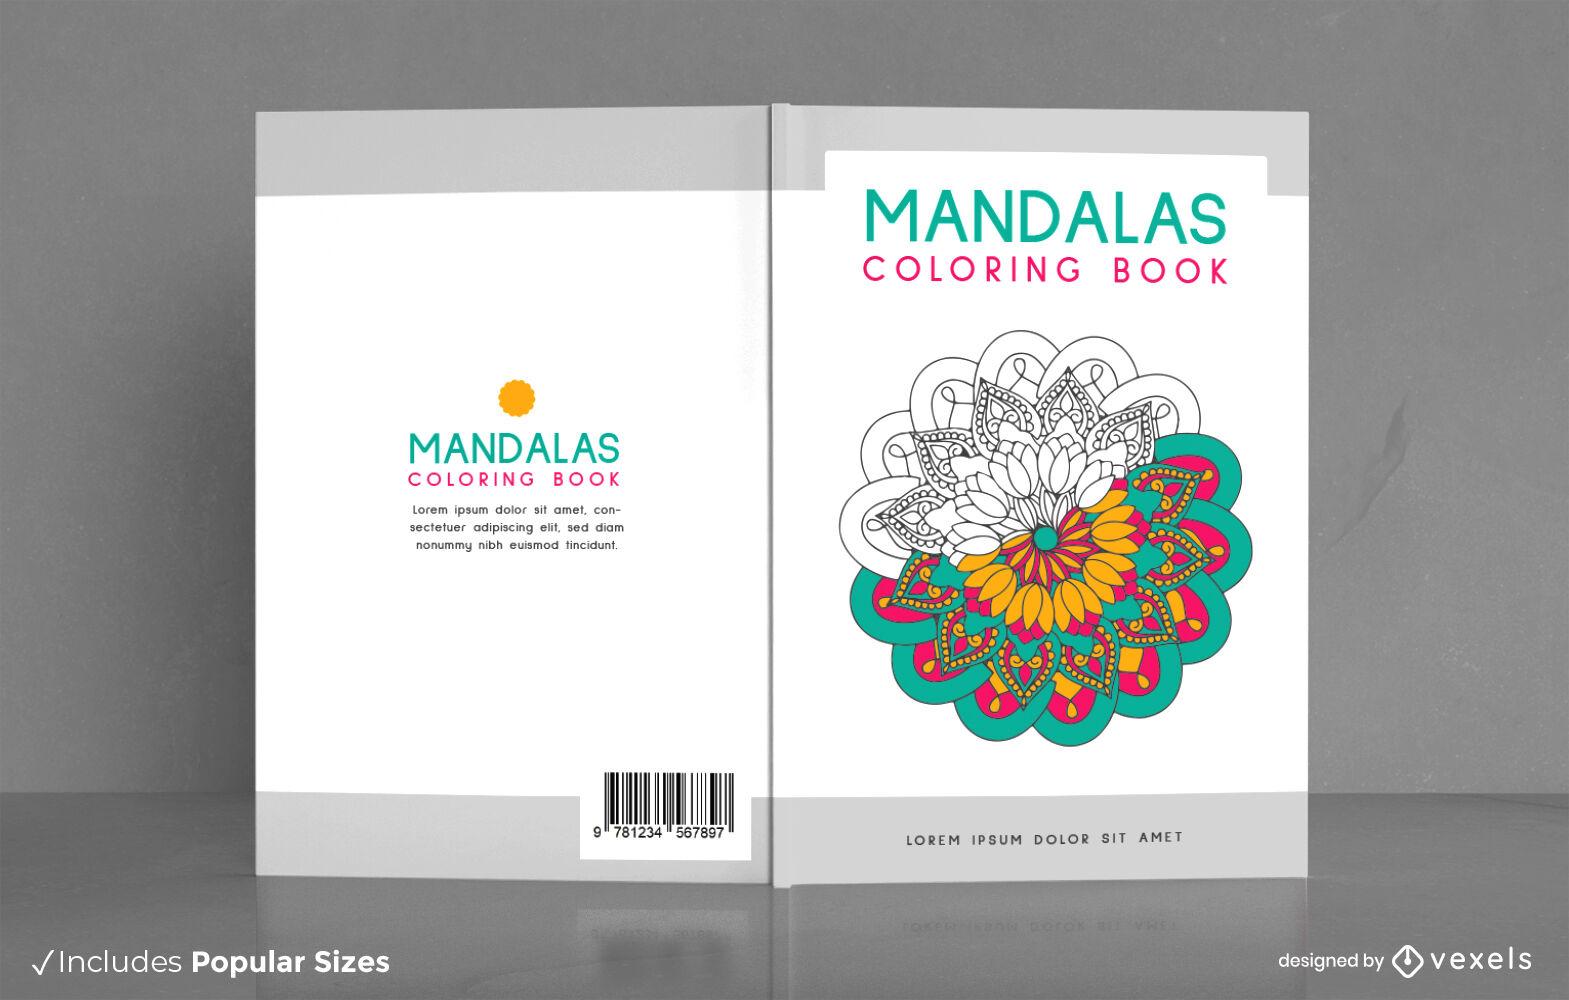 Diseño de portada de libro para colorear de mandalas flroal